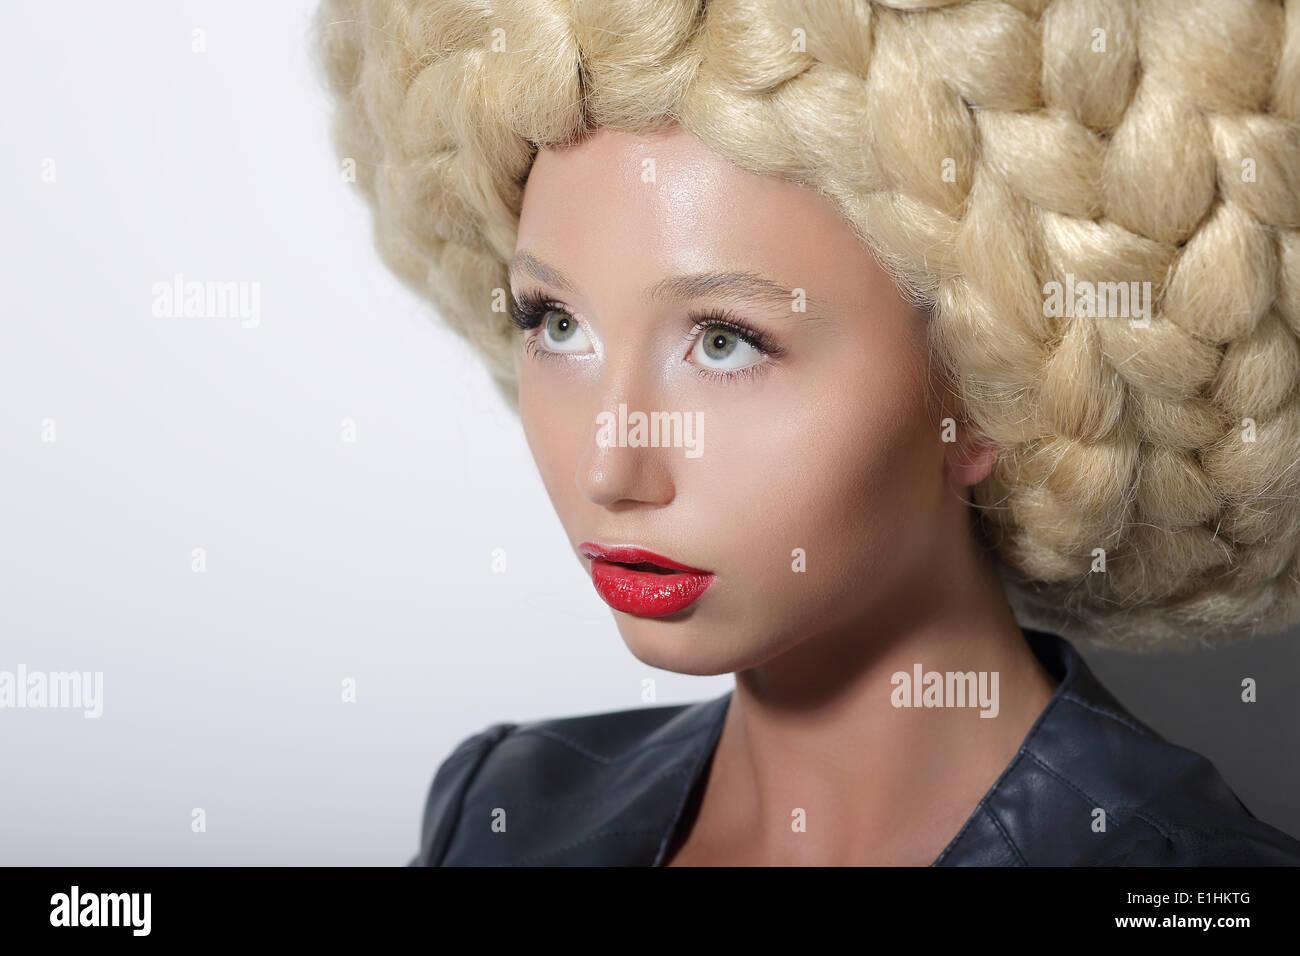 Mode-Modell. Hochmoderne Frau mit erstaunlichen Kunst Kopfschmuck Stockbild